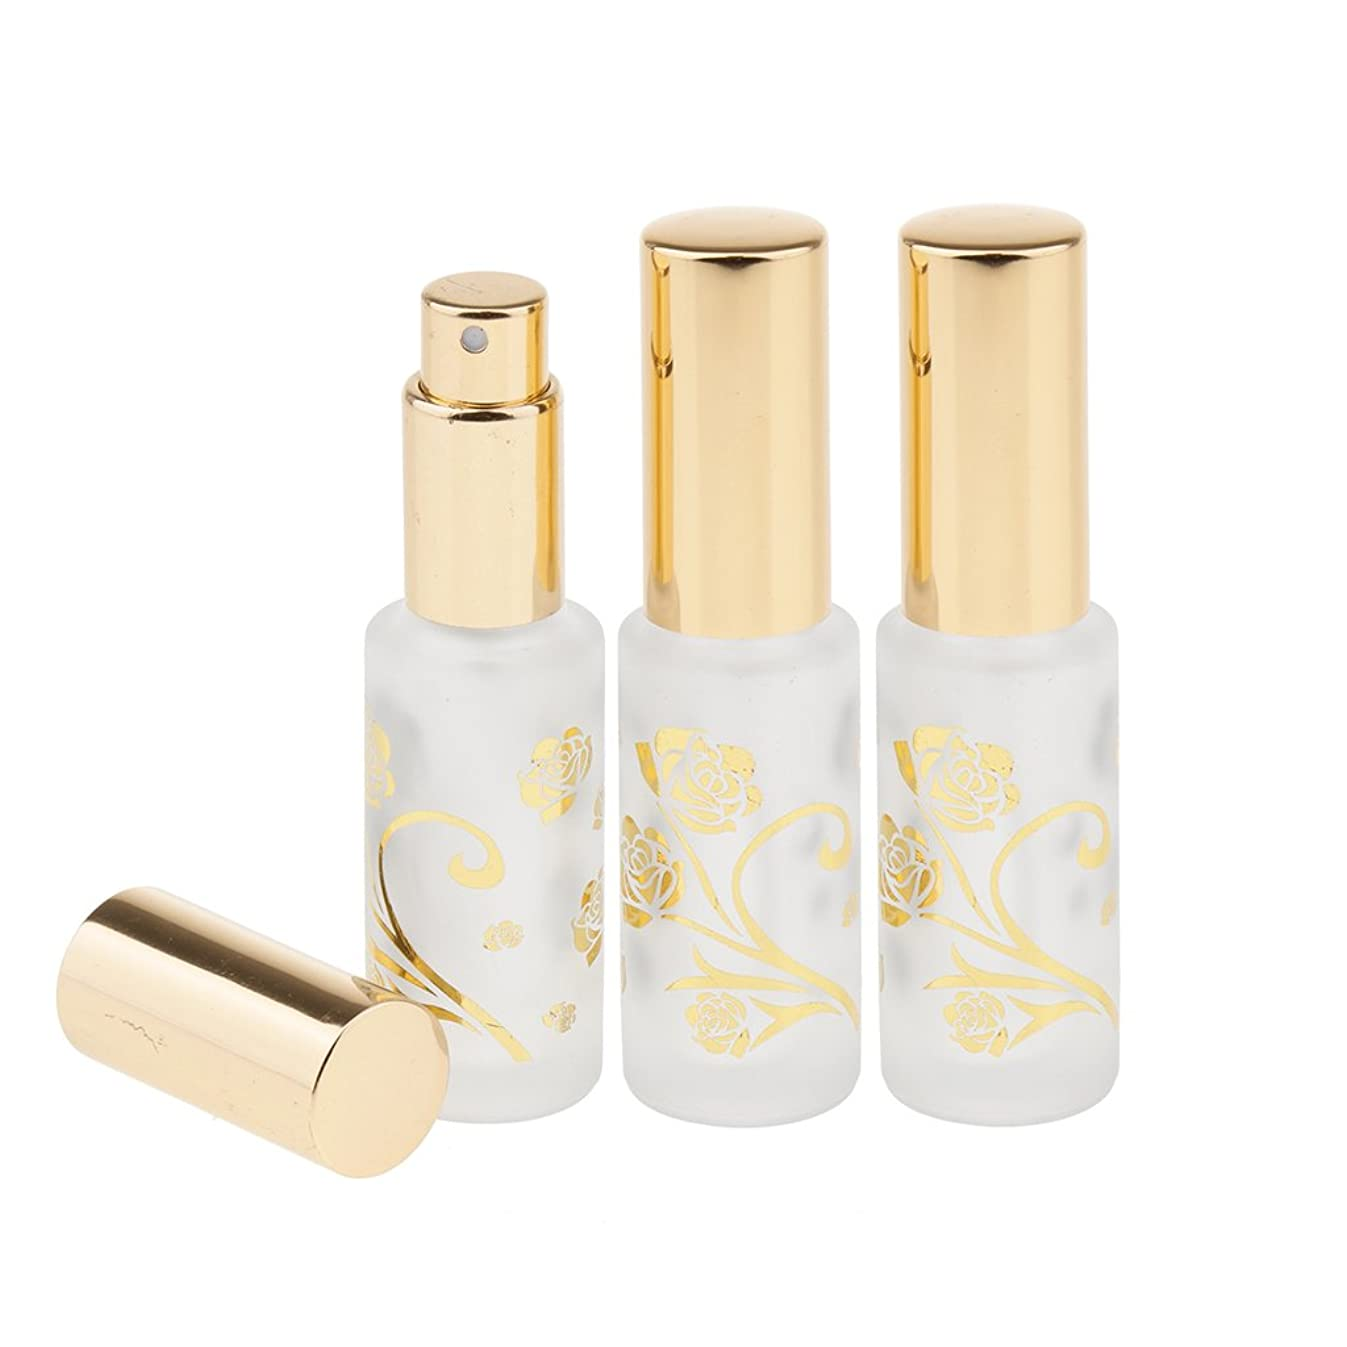 灌漑ホストやけどPerfk 3個 ボトル 香水ボトル 詰替え オイル 液体 化粧品 15ml 2色選べ - ゴールド